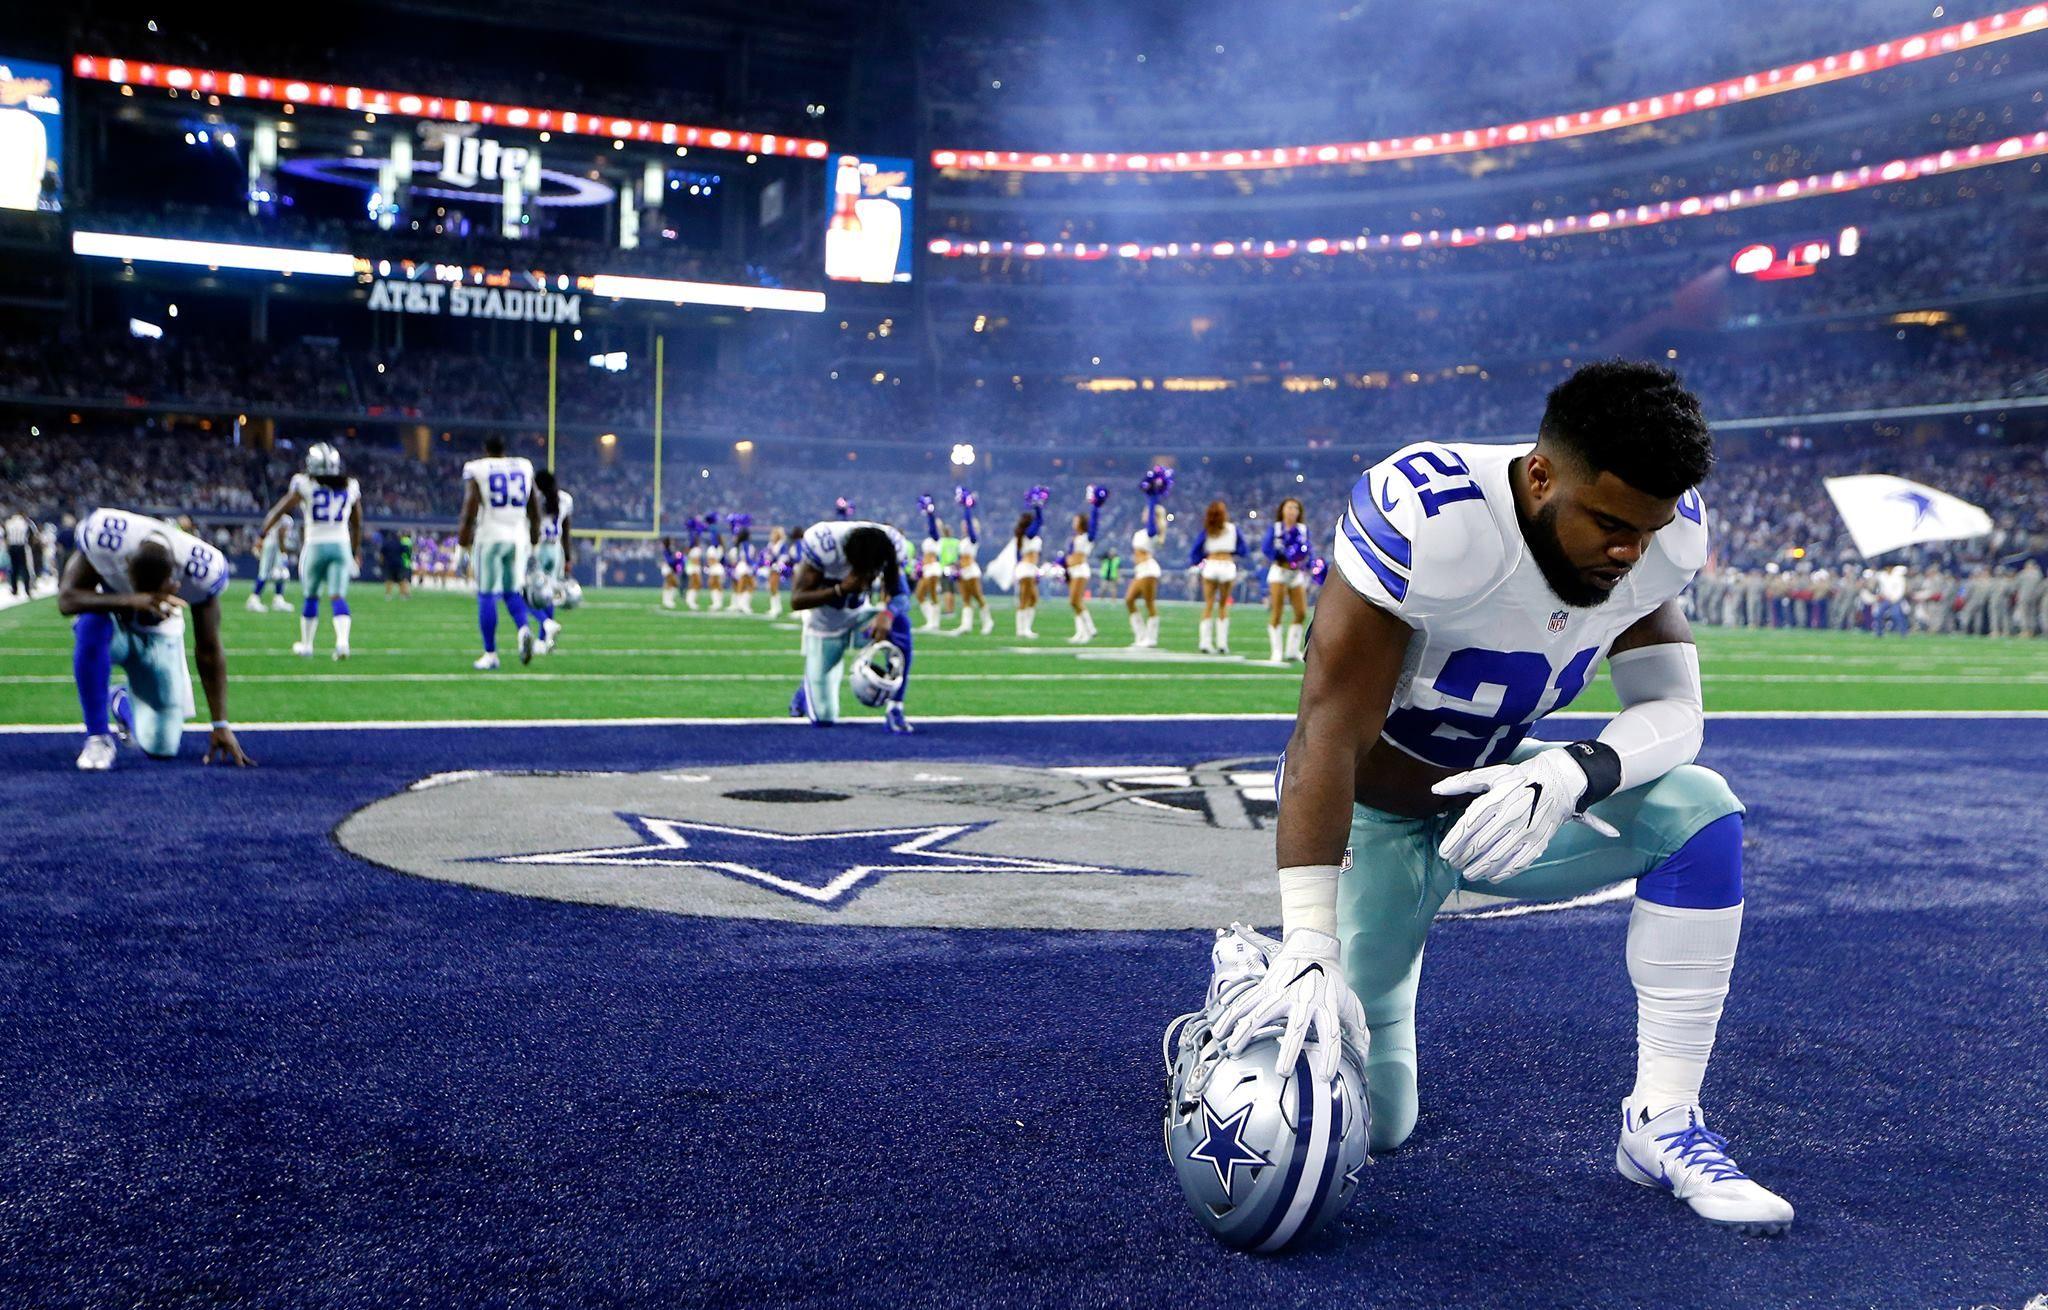 Dallas Cowboys We Some Some Wild Boyz When We Take The Field We Make Some Loud Noice Dallas Cowboys Dallas Cowboys Wallpaper Dallas Cowboys Football